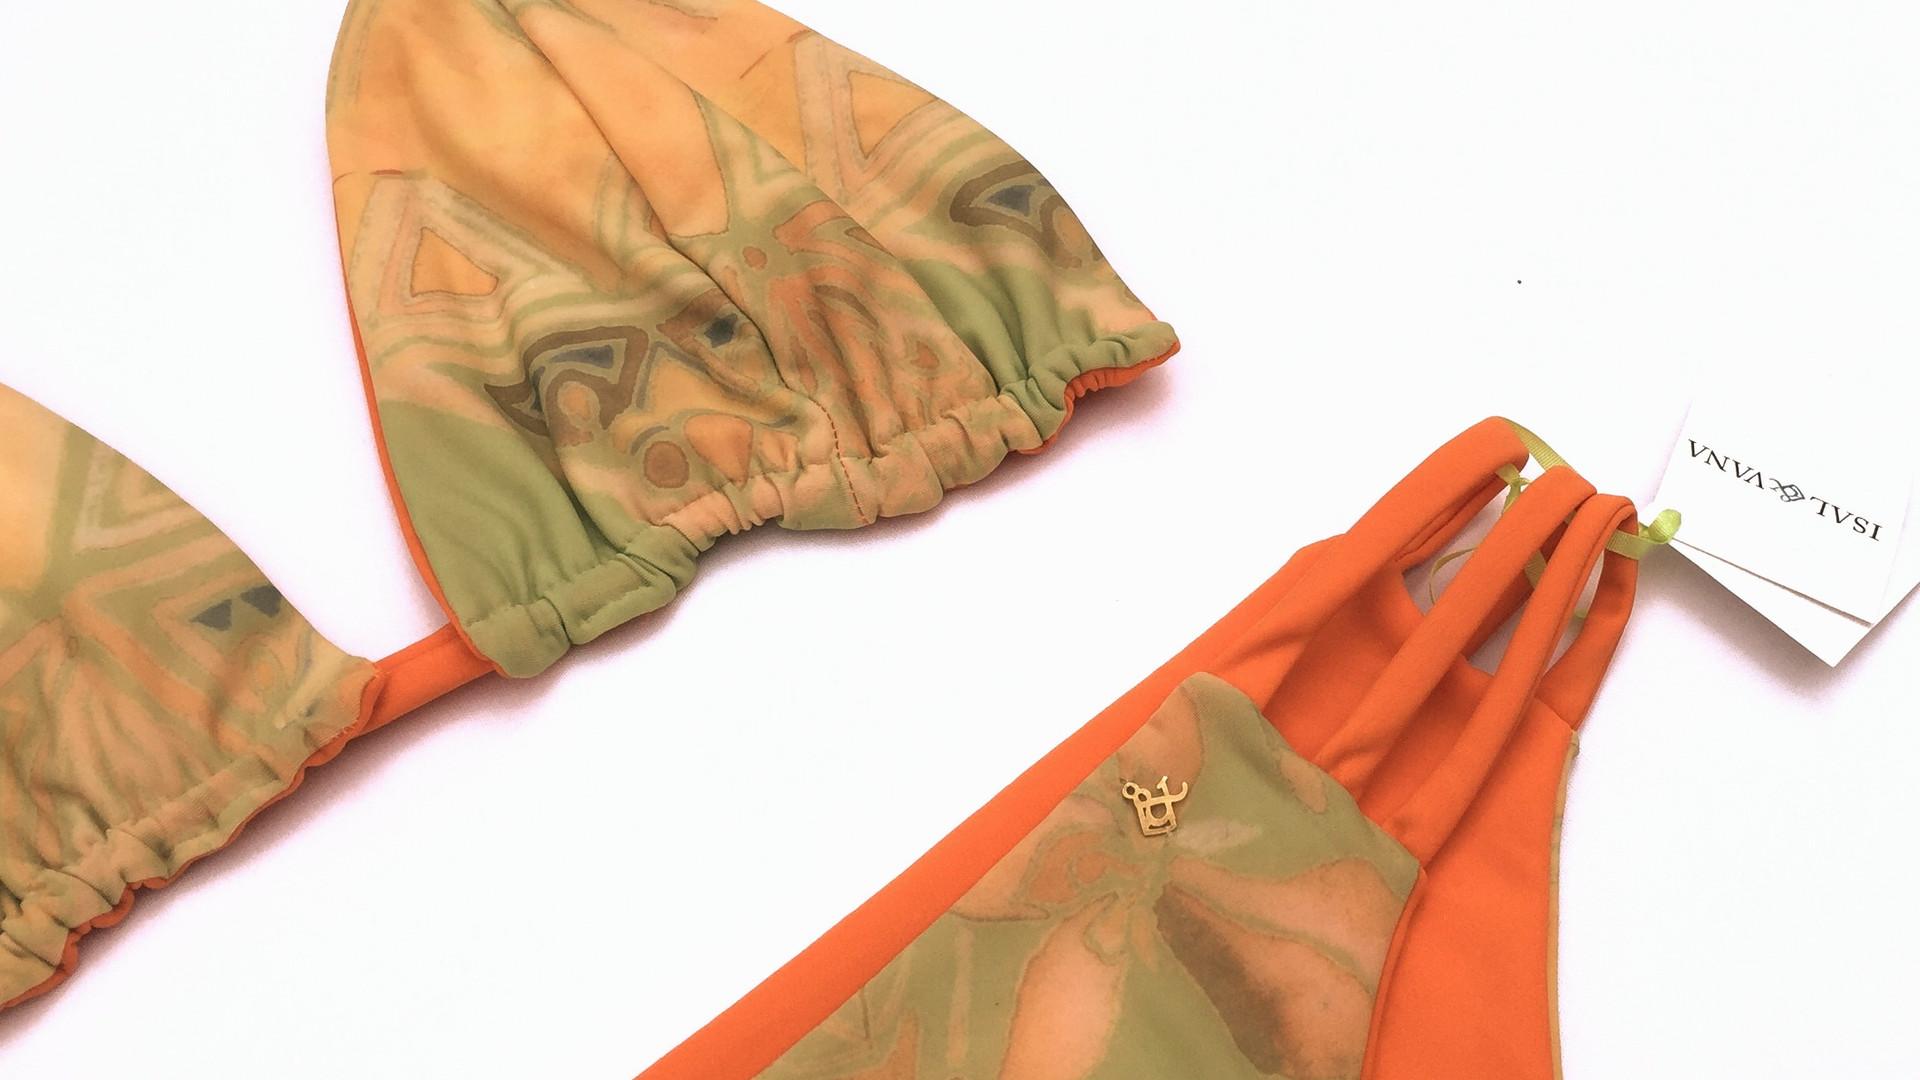 Isal and Vana Swimwear